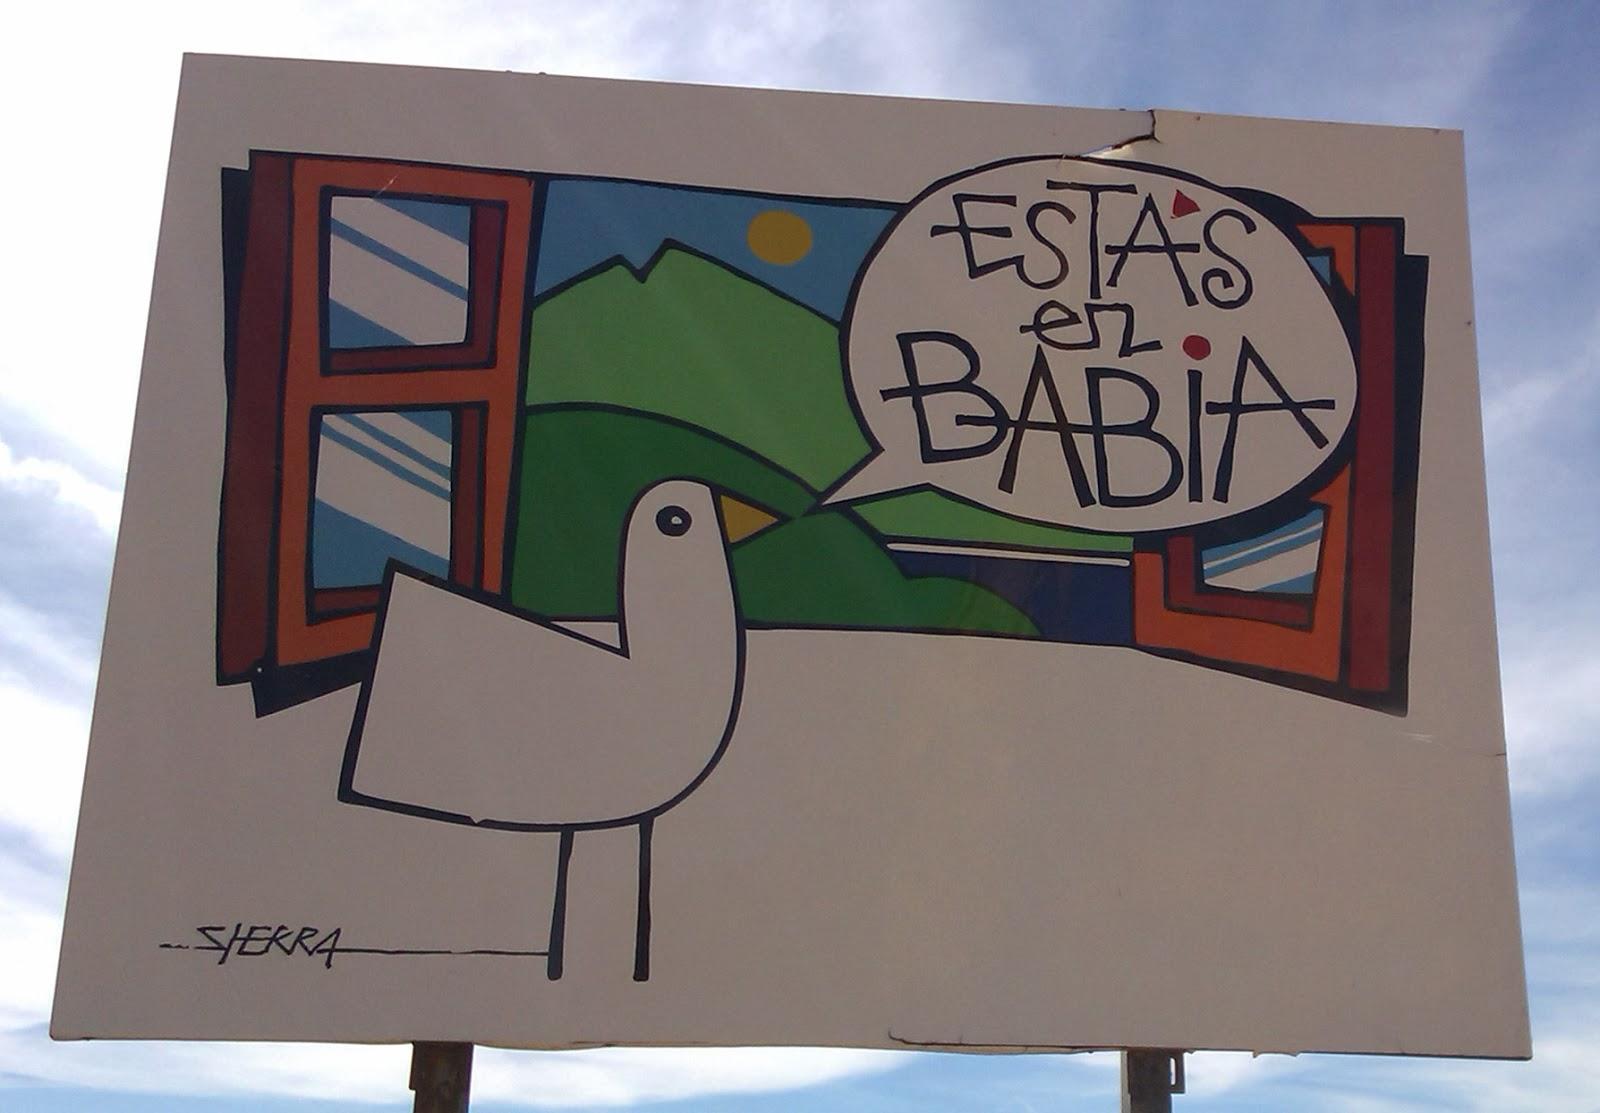 Cartel de entrada a Babia, León